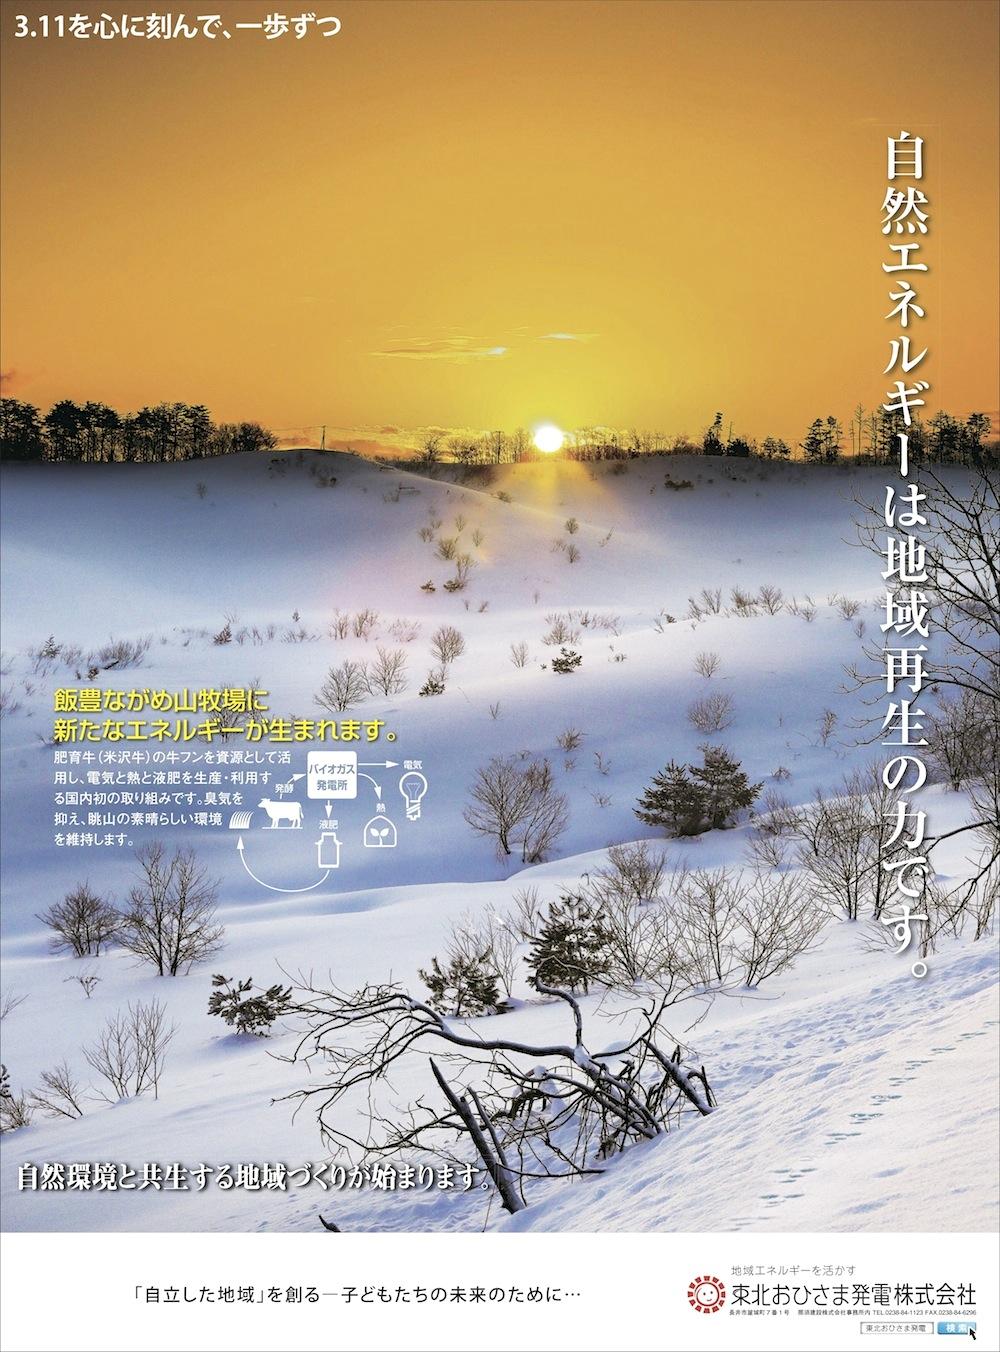 山形新聞掲載 —自然エネルギーは地域再生の力です。—